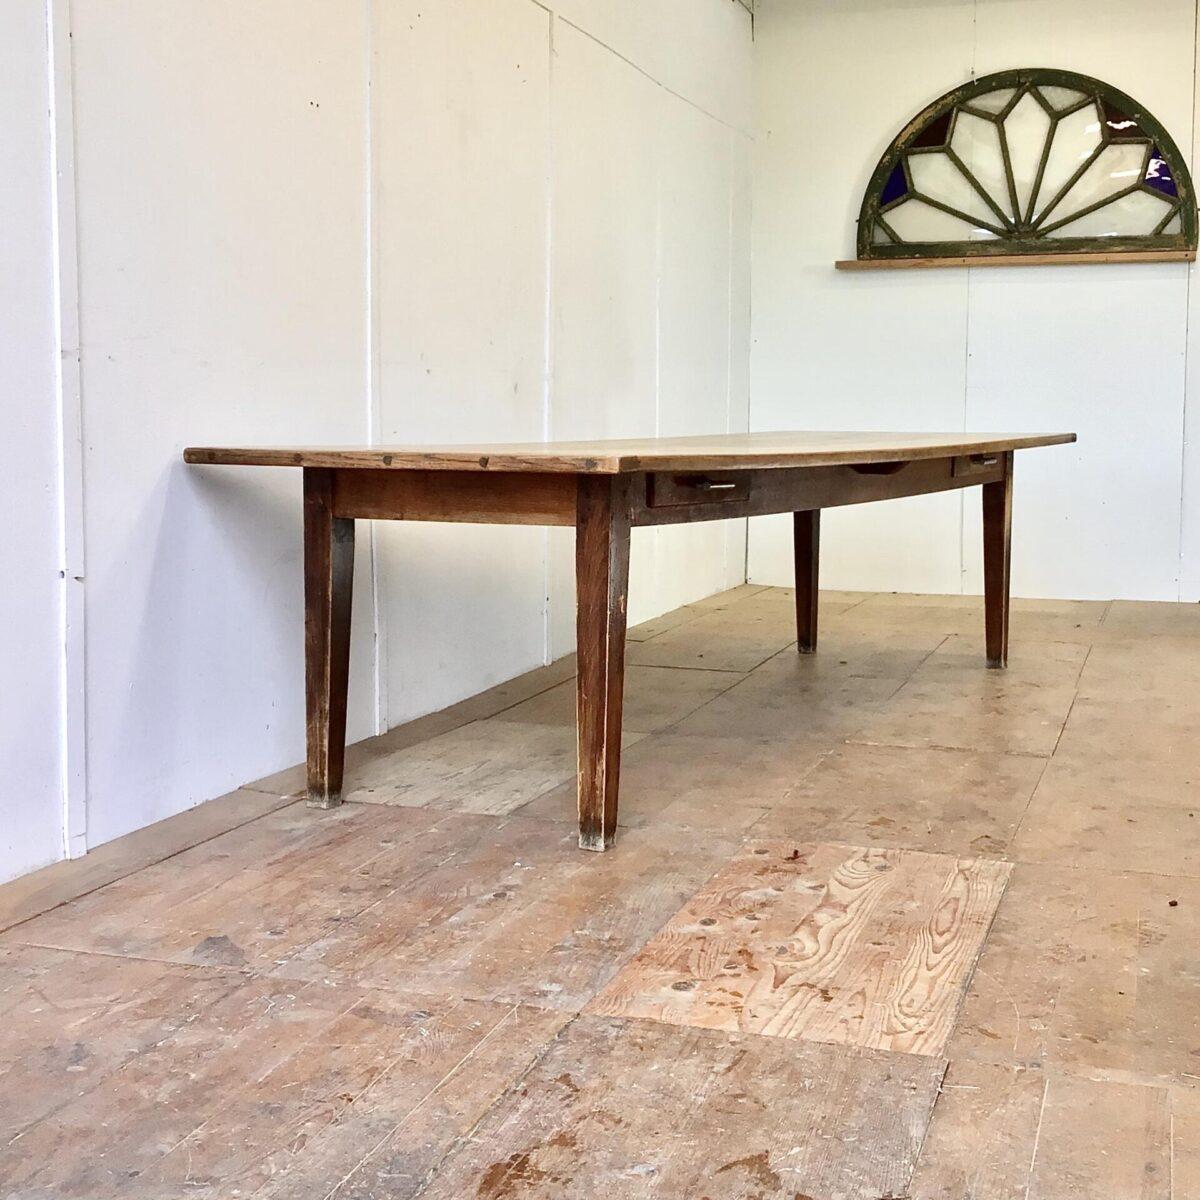 Deuxieme.shop Vintage Beizentisch. Grosser Biedermeier Esstisch aus Kirschbaum und Eichenholz. 305x99.5cm Höhe 75cm. Dieser Lange antike Holztisch hat zwei Besteck Schubladen, mit Aluminiumguss Griffen. Das Tischblatt ist aus Kirschbaum Vollholz, das Mittelbrett und die beiden Stirnseiten sind aus Eiche. Der Tisch bietet Platz für 12 Personen.